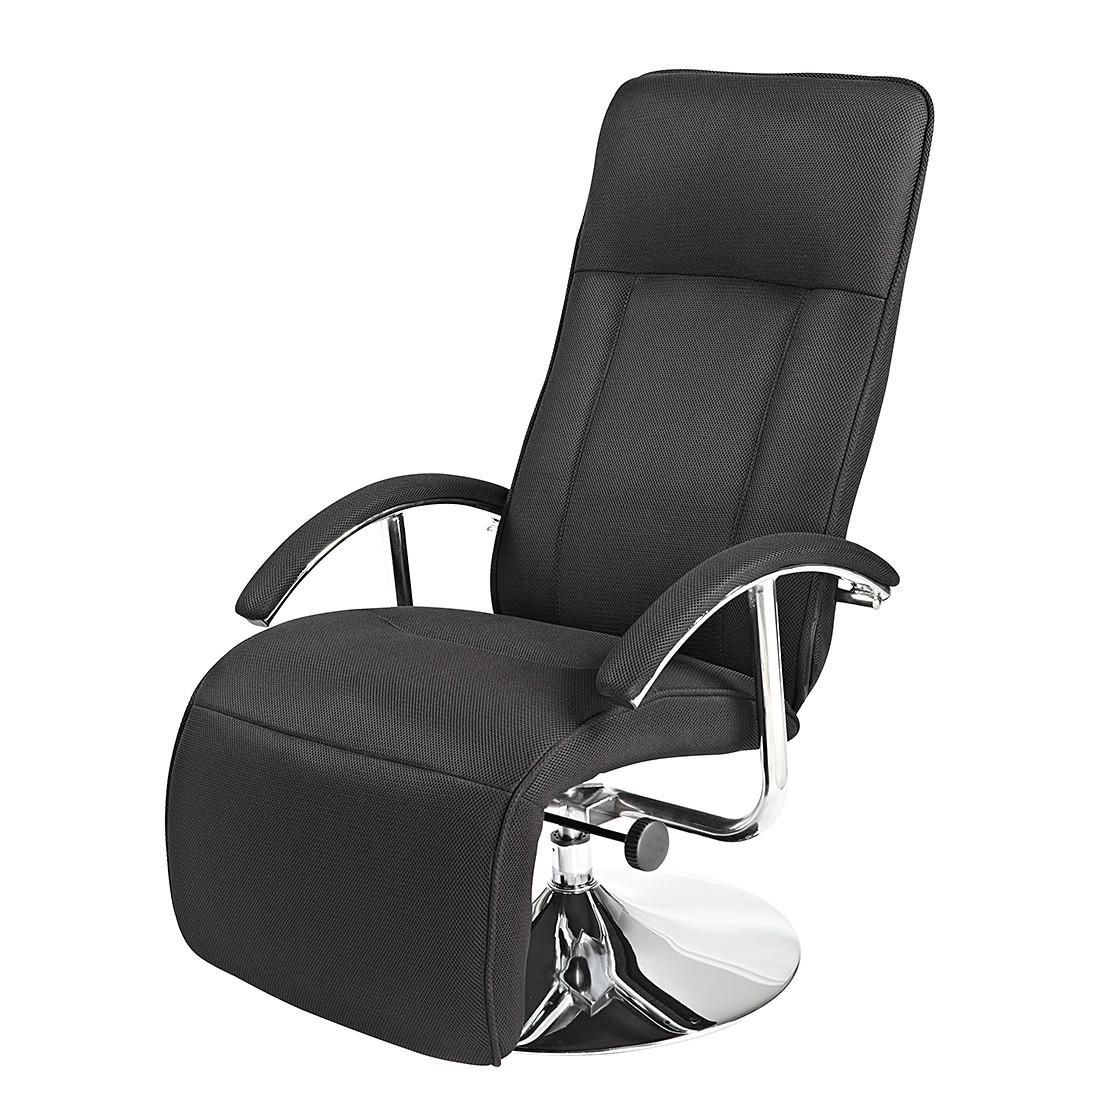 Relaxliege Listone – Meshstoff Schwarz, Nuovoform jetzt kaufen